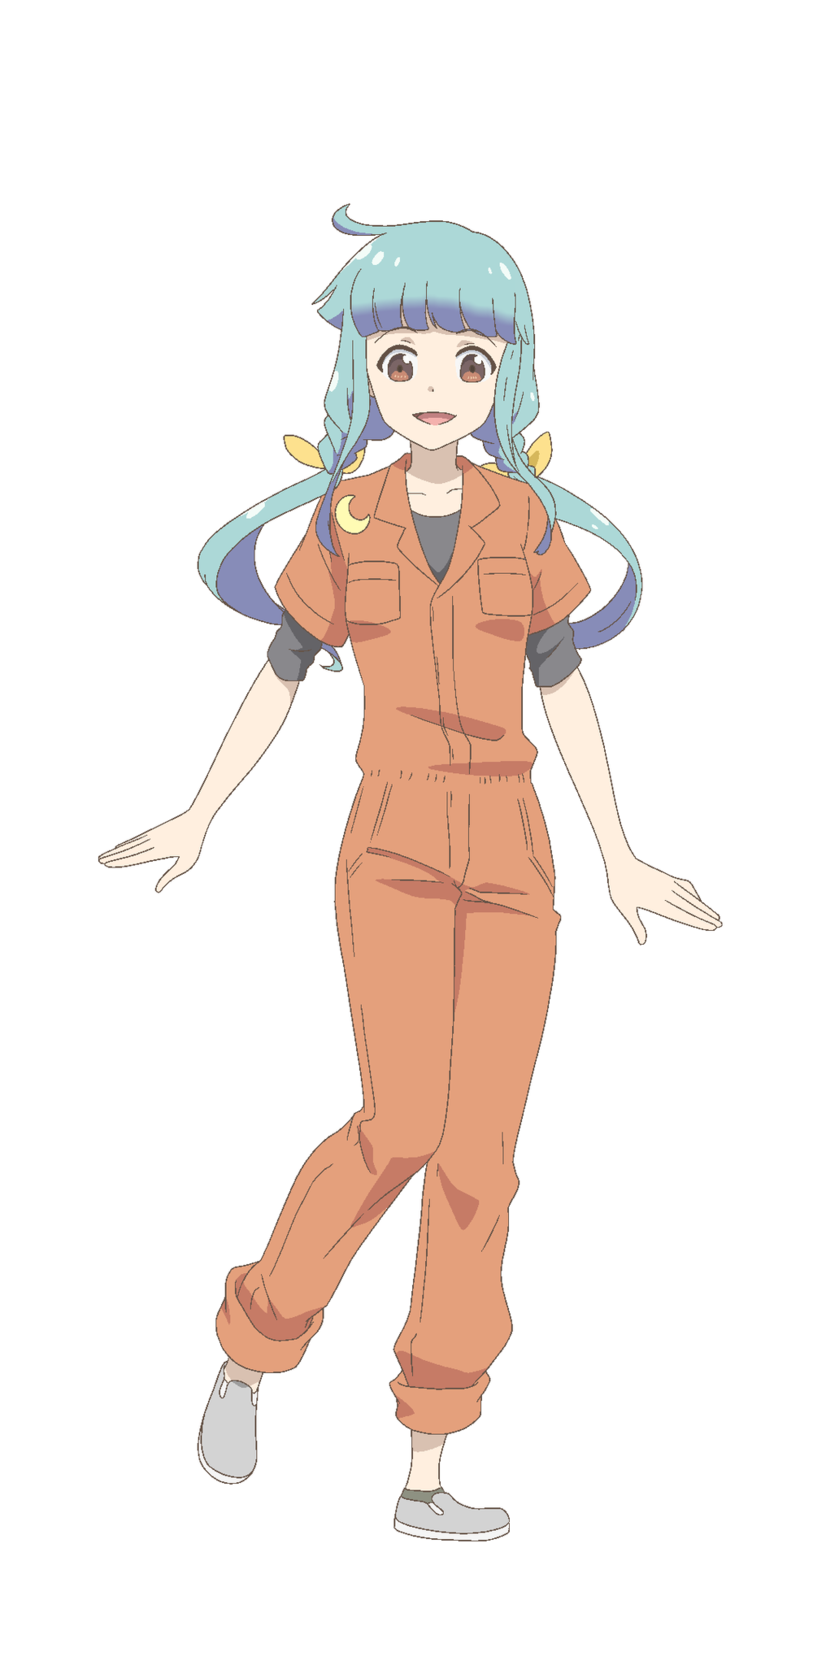 Un escenario de personajes de Hina Tokikawa del próximo anime de televisión Let's Make a Mug Too 2nd Kiln.  Hina es una chica de complexión delgada con cabello azul pálido en colas gemelas y ojos marrones.  Lleva un jersey naranja de una pieza con una camiseta negra debajo y zapatillas grises.